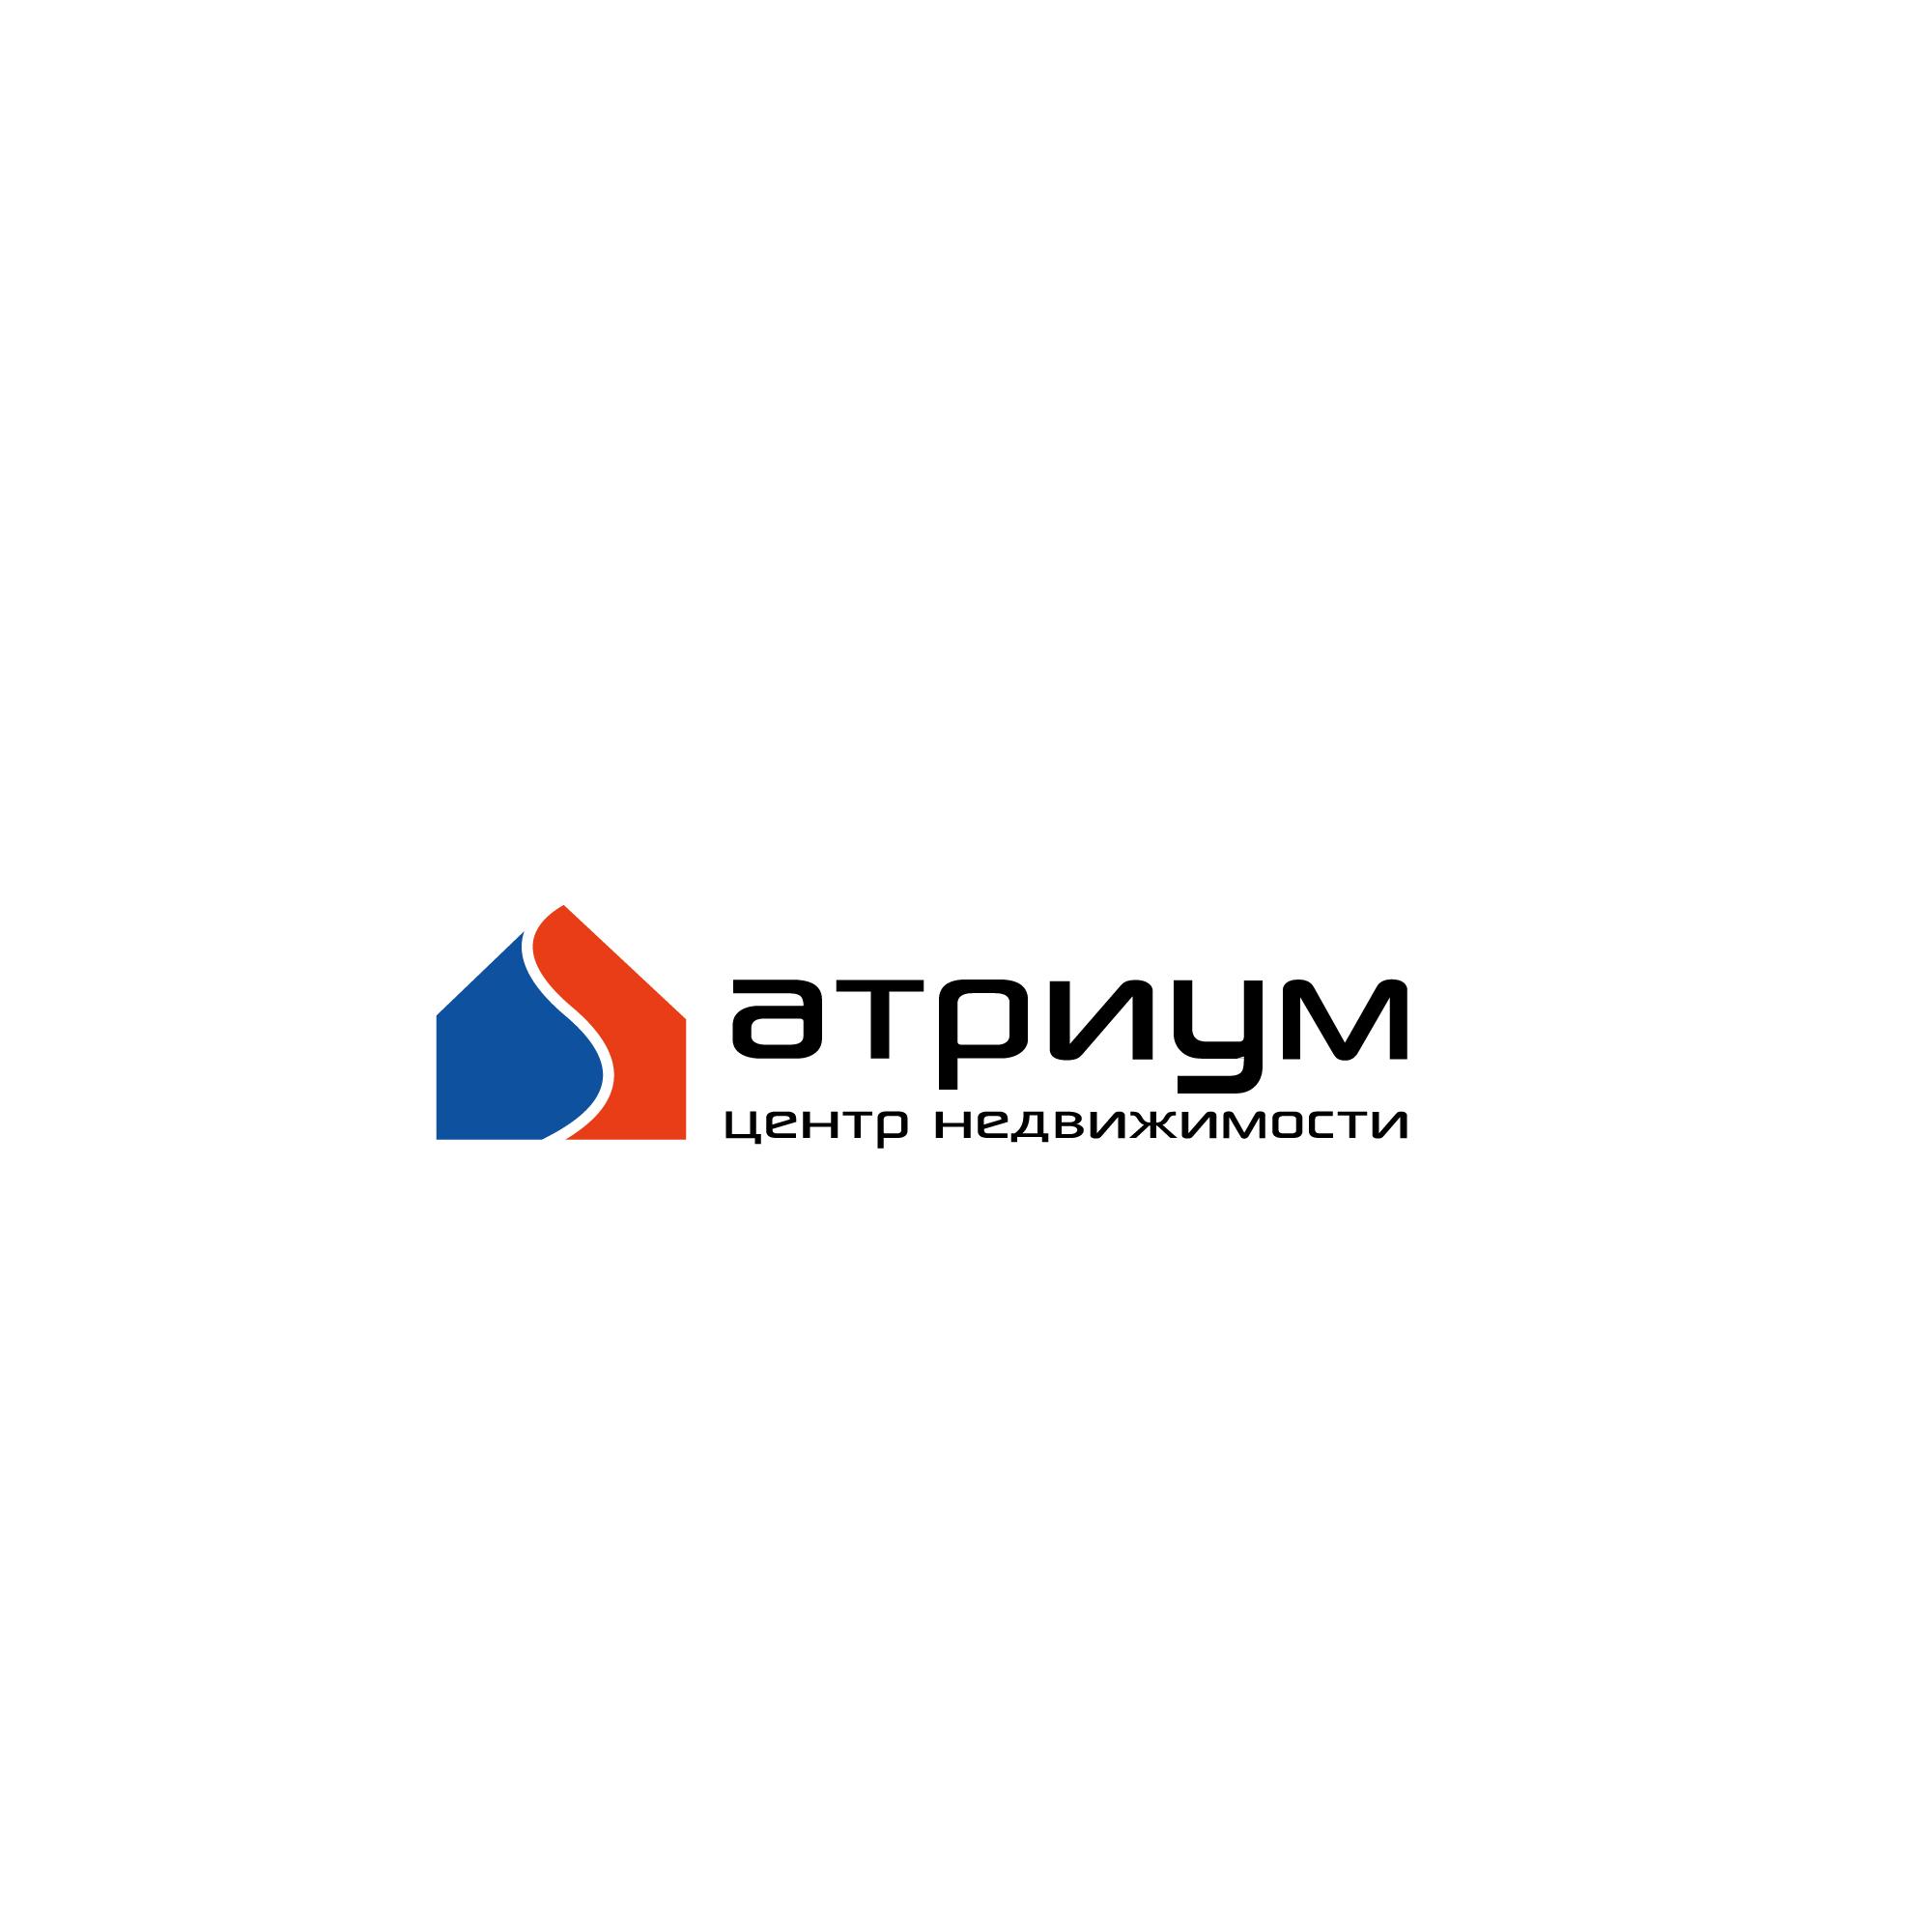 Редизайн / модернизация логотипа Центра недвижимости фото f_8375bcd8f6de6a2c.jpg